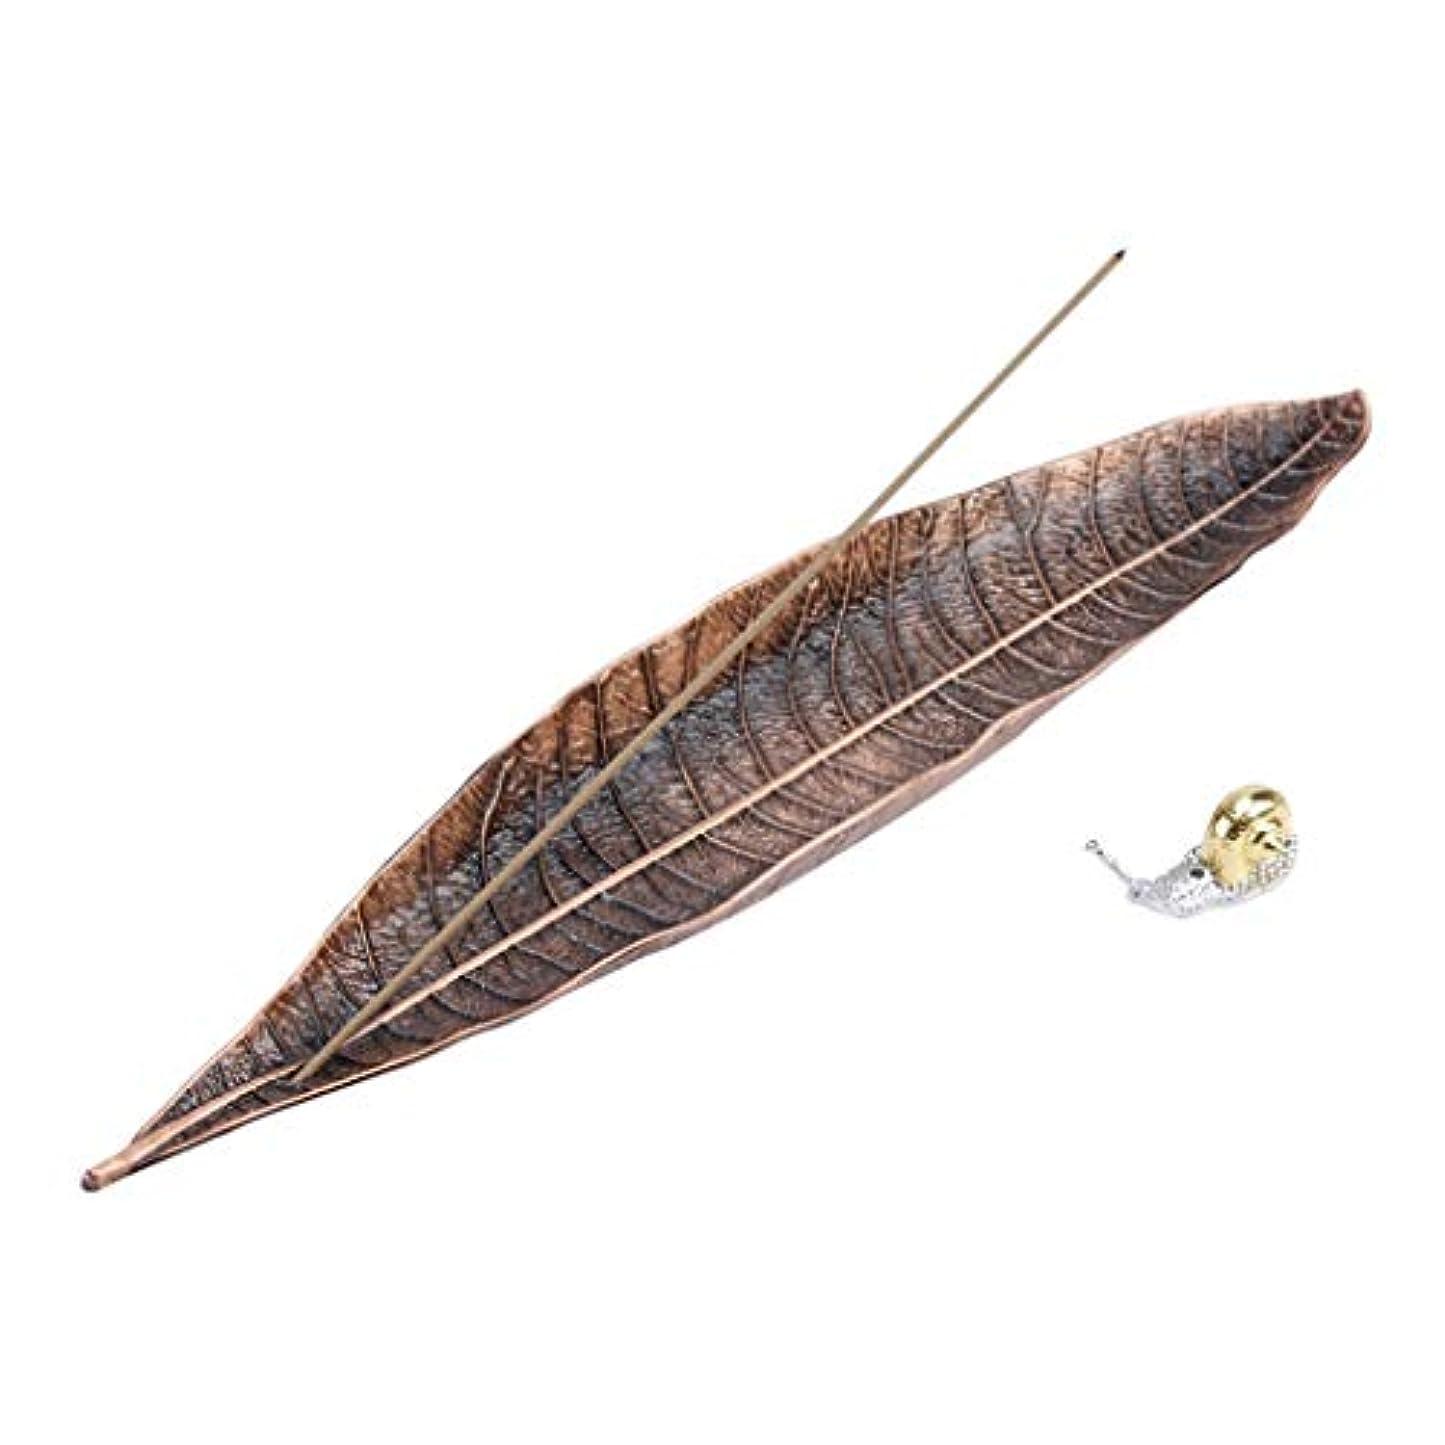 逆冗談で加入芳香器?アロマバーナー カタツムリの香の棒のホールダーの家の装飾の付属品が付いている葉の香のホールダーの灰のキャッチャーの長い香バーナー アロマバーナー芳香器 (Color : A)